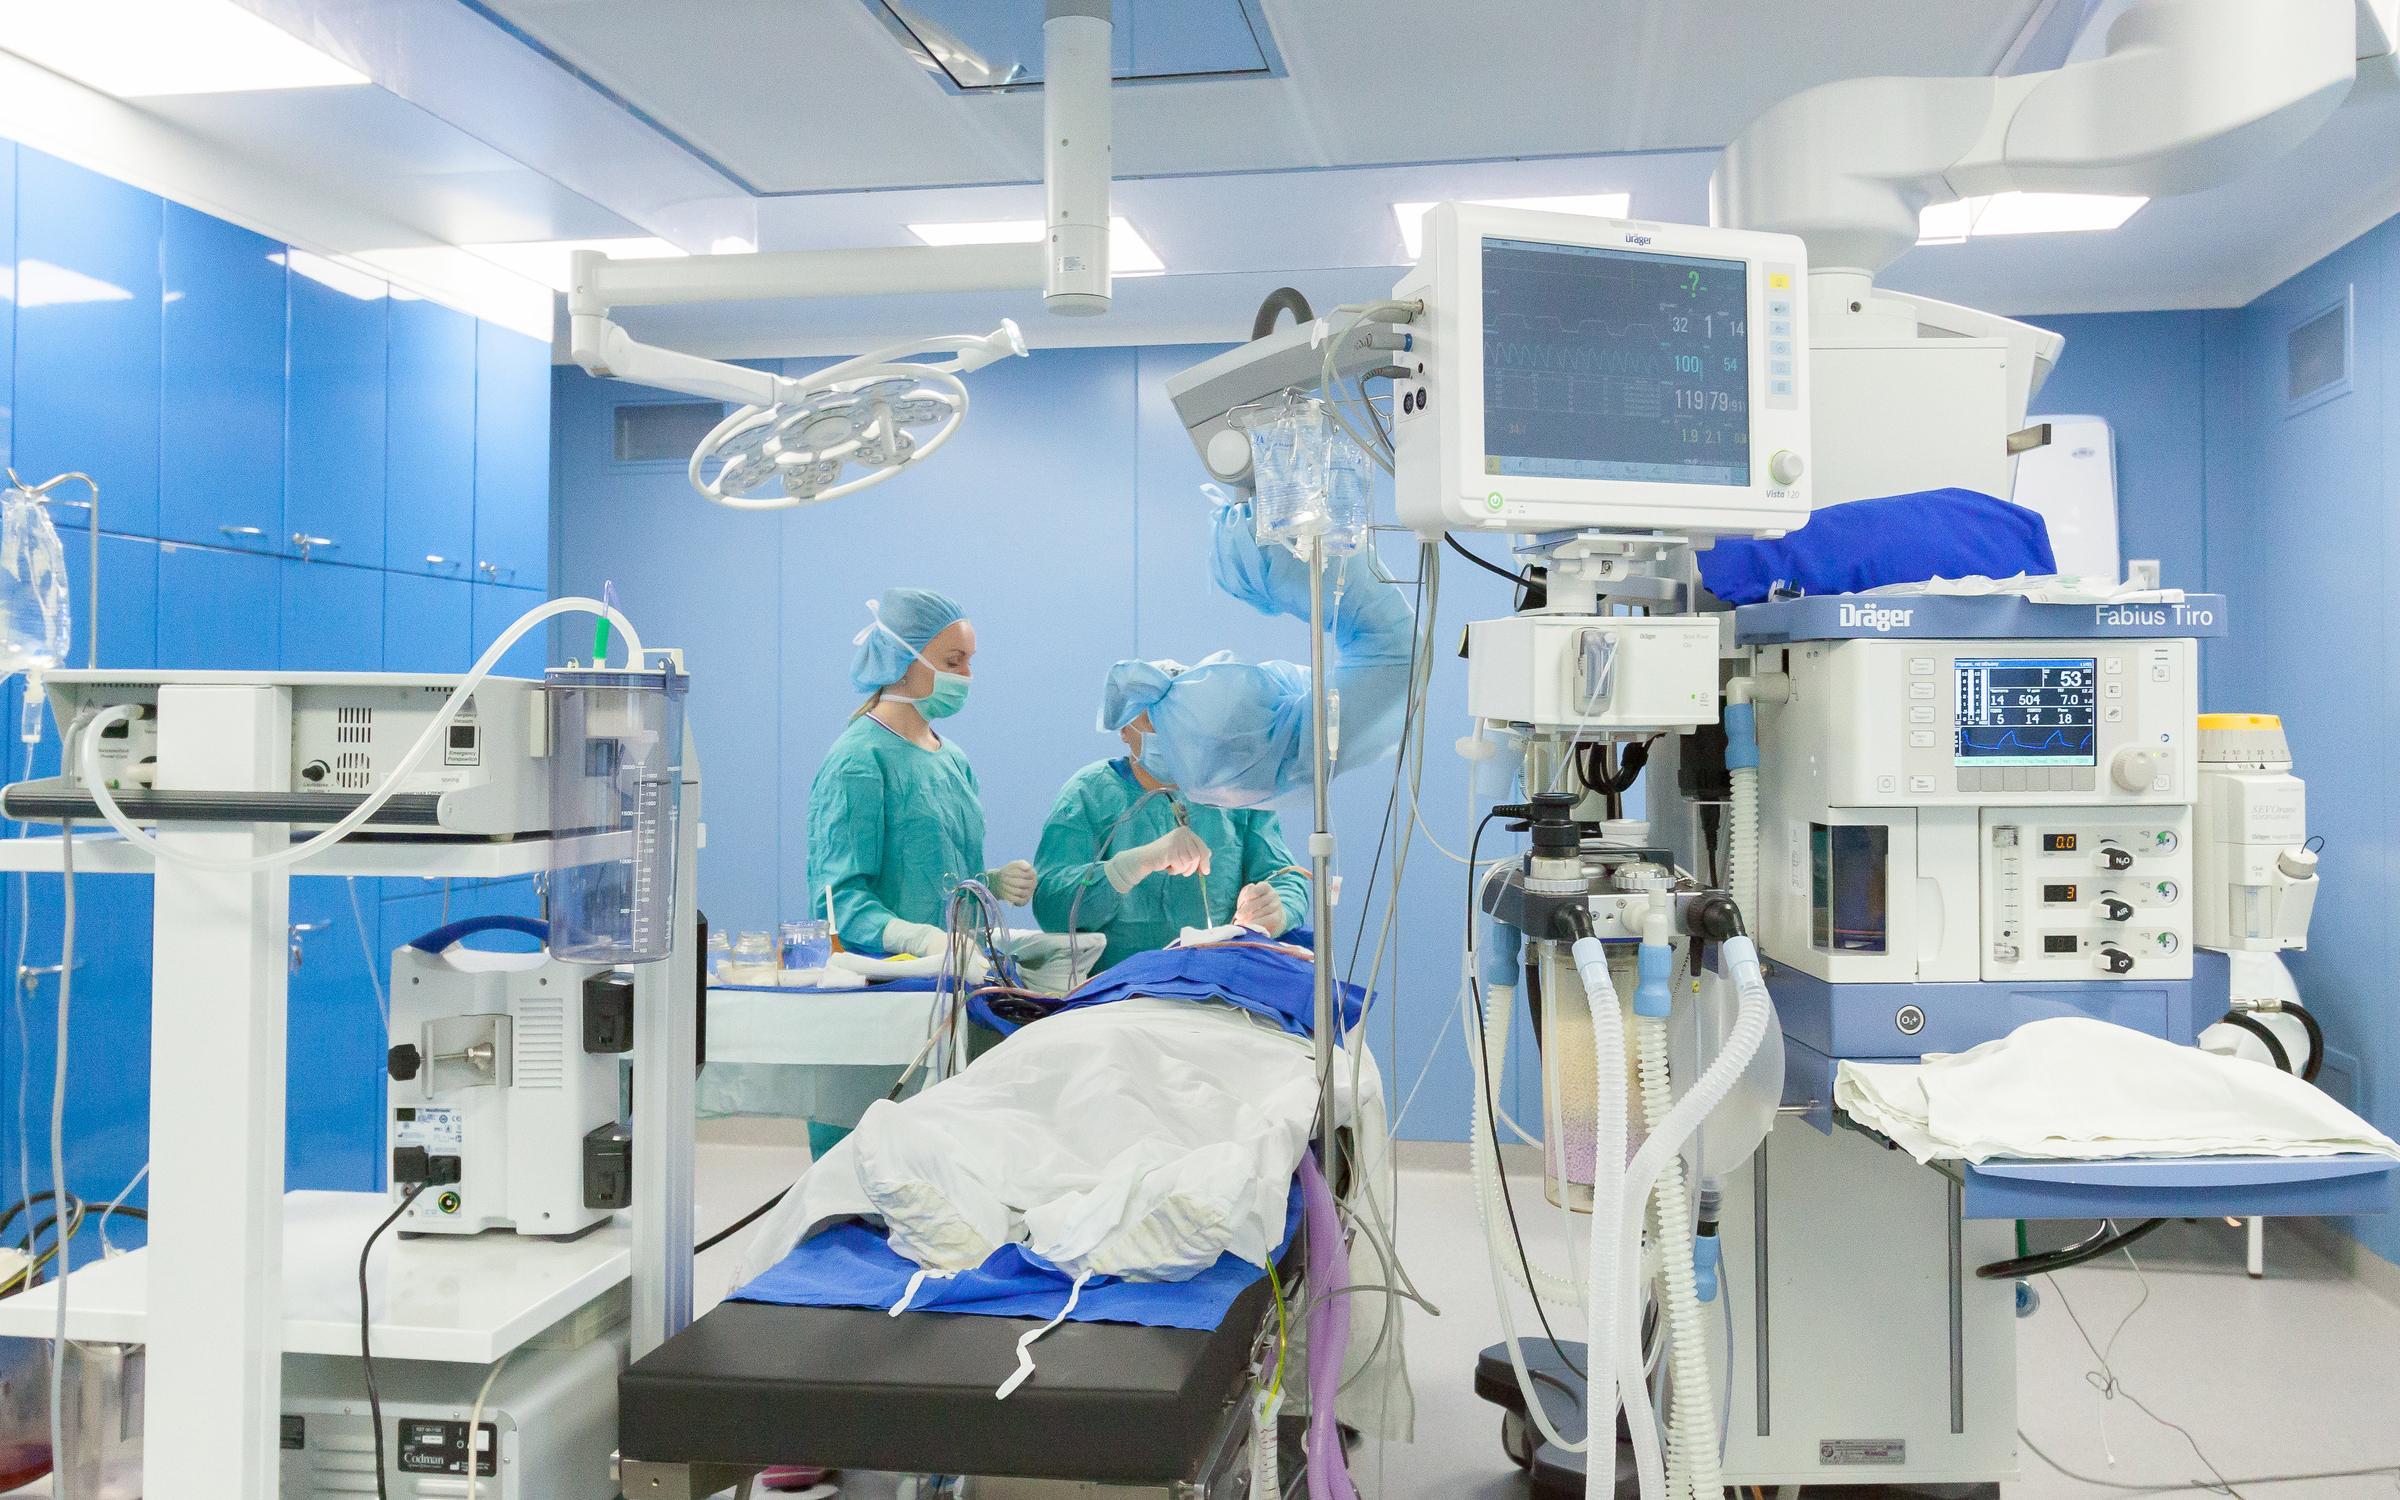 Стоматологическая поликлиника 32 протезирование отзывы